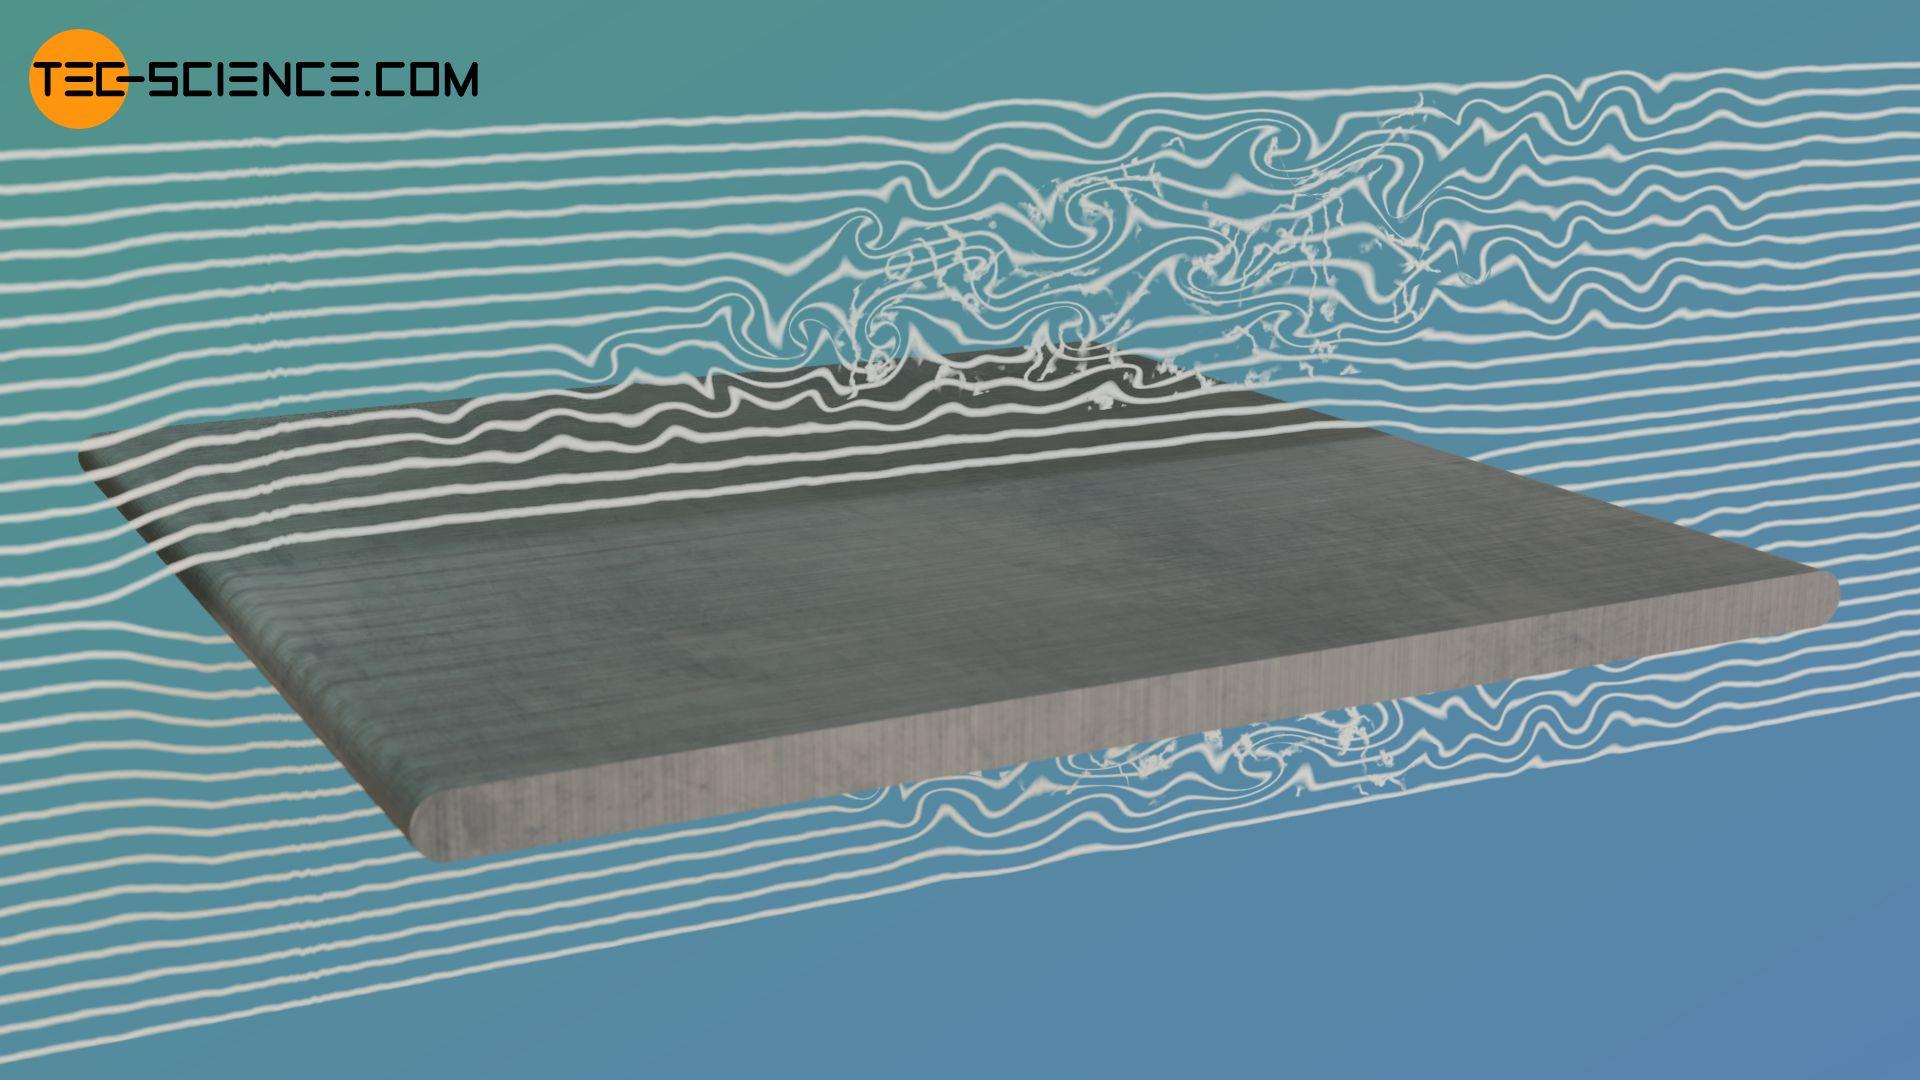 Bahnlinien beim Umströmen einer Platte mit laminar-turbulentem Umschlag